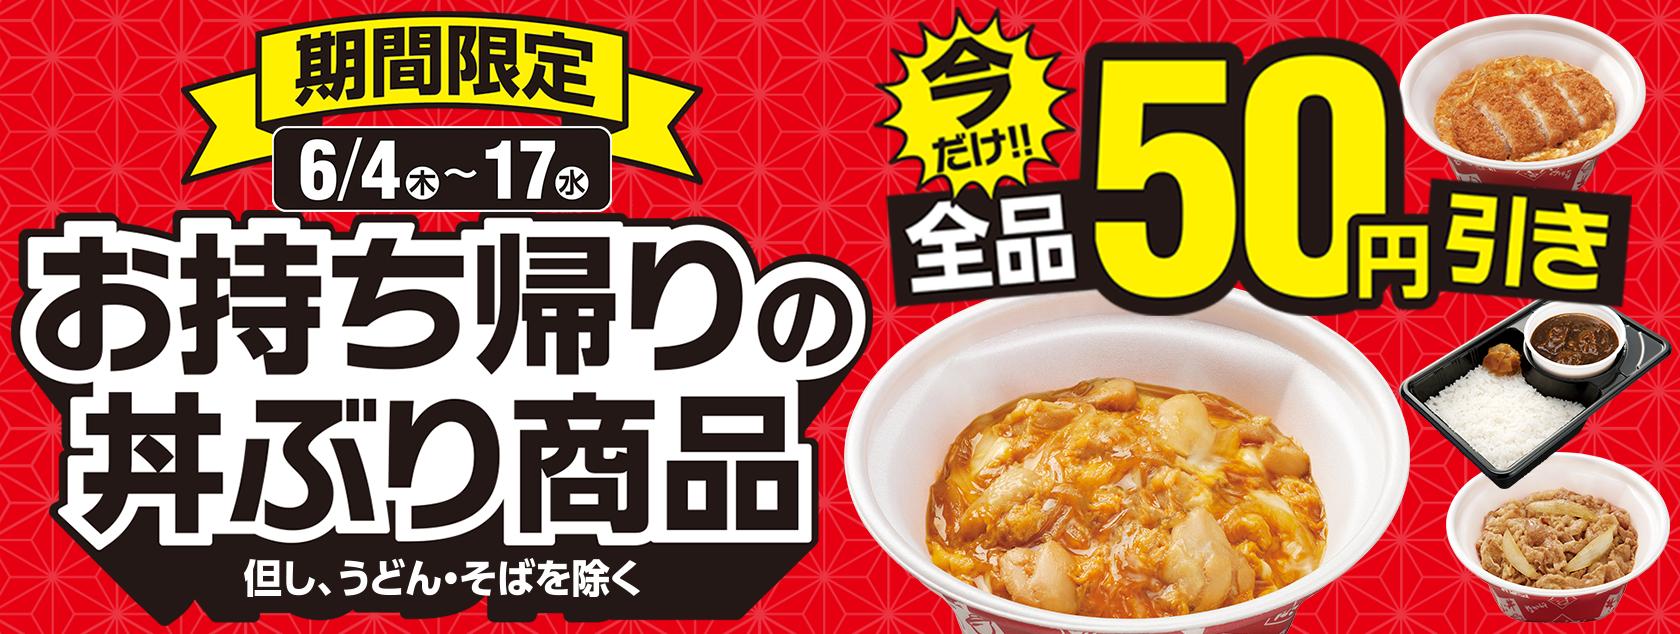 なか卯が持ち帰りの丼ぶり商品が全品50円引き。~6/17。